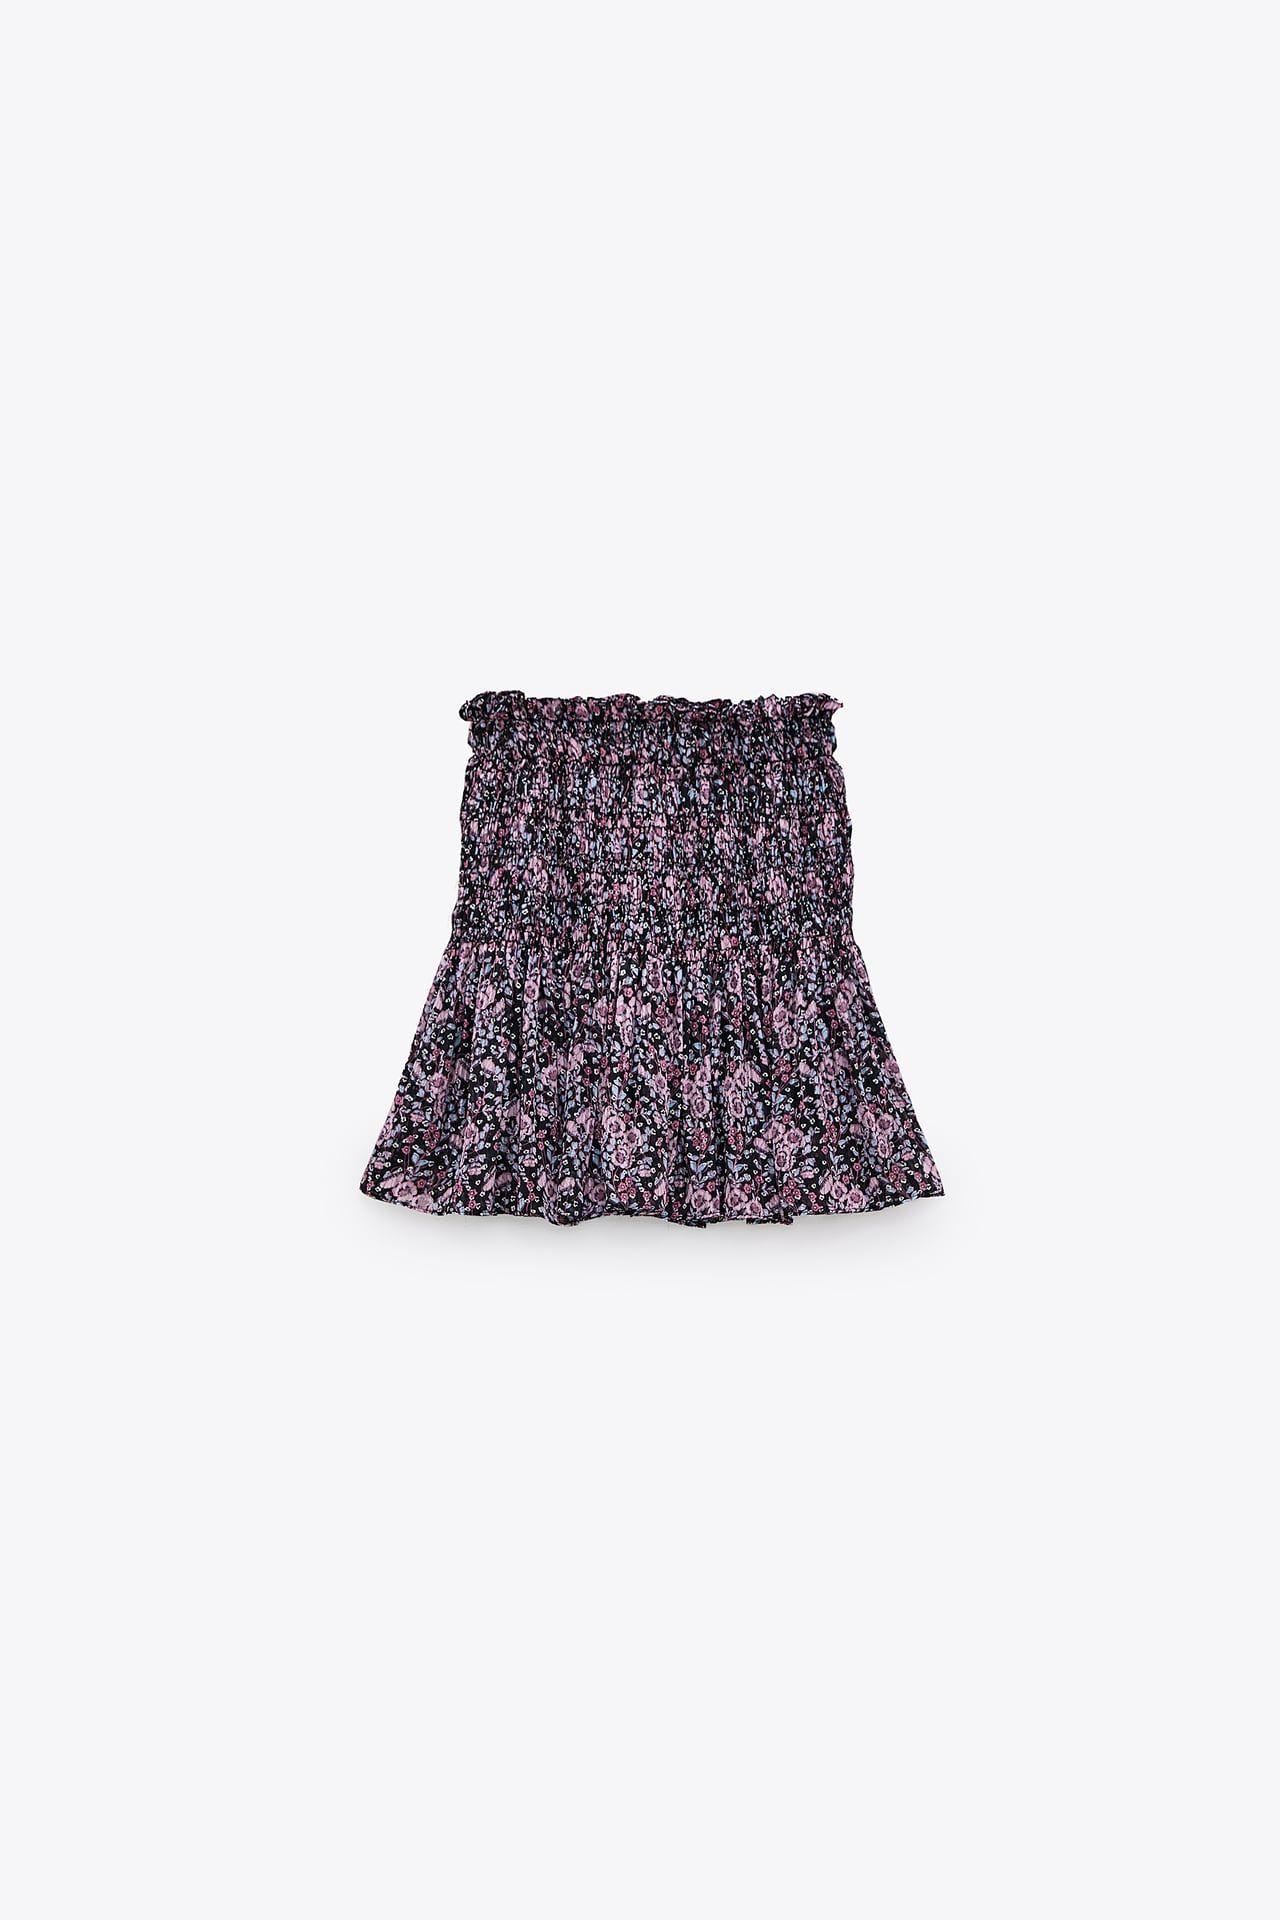 Printed Mini Skirt Zara United States In 2020 Mini Skirts Fashion Clothes Women Skirts